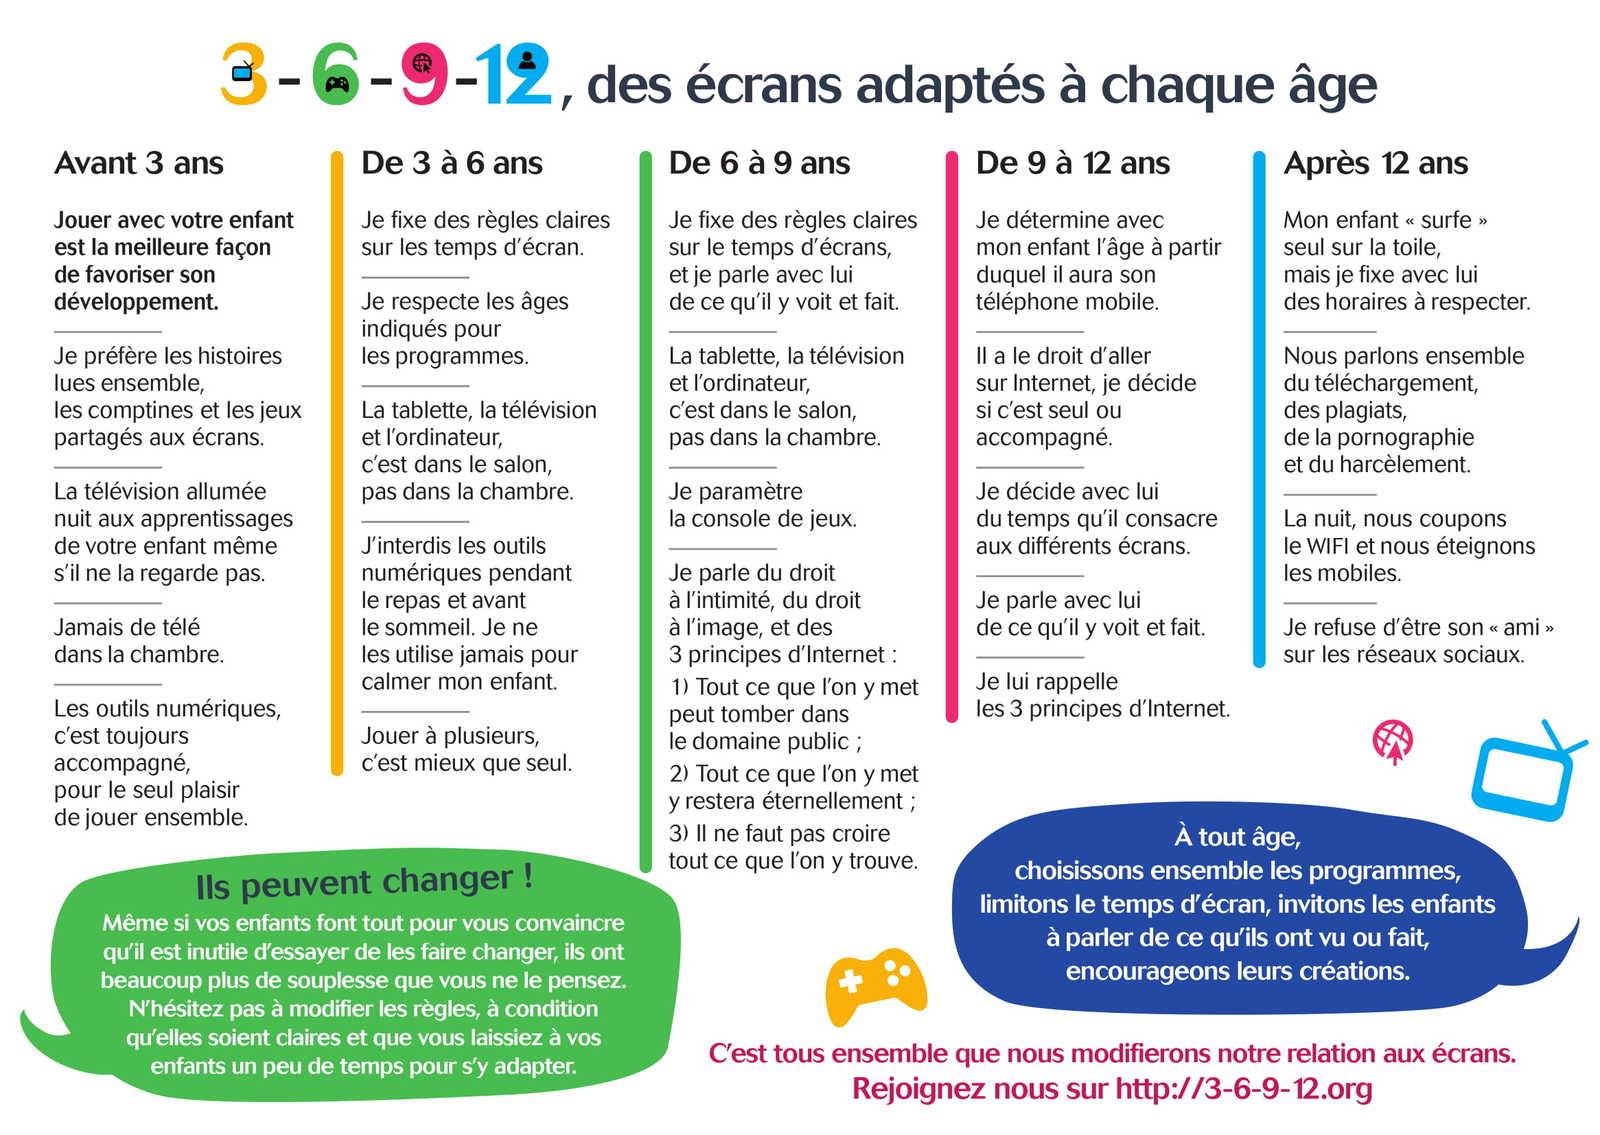 Enfants Et Écrans : La Règle Du 3-6-9-12 Qu'il Faut dedans Ordinateur 3 Ans